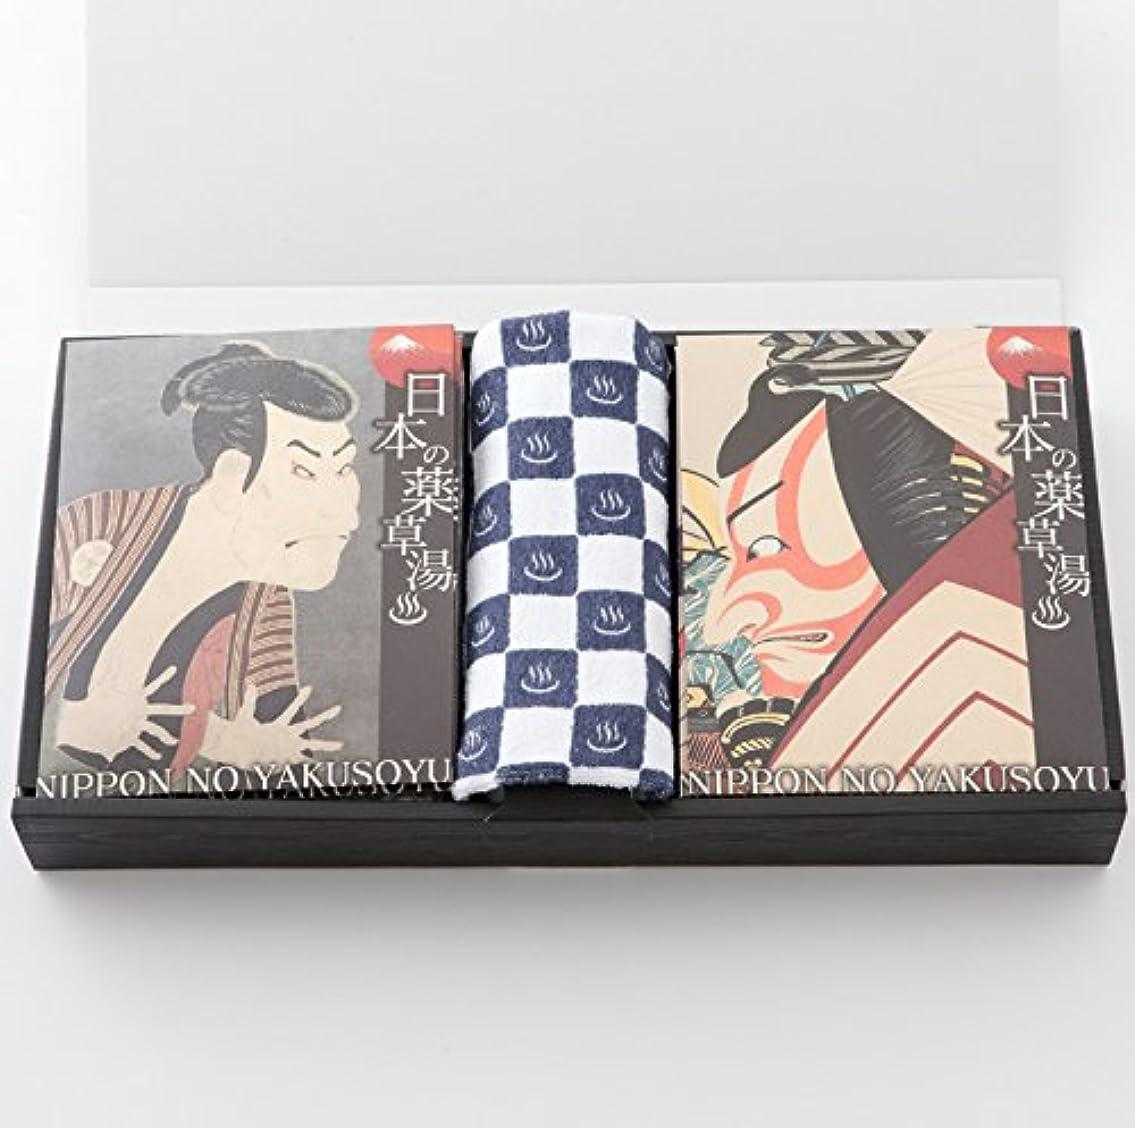 柔らかいパイプカバレッジ日本の薬草湯と湯めぐりタオルギフト (日本の薬草湯9包+湯めぐりタオル1本)